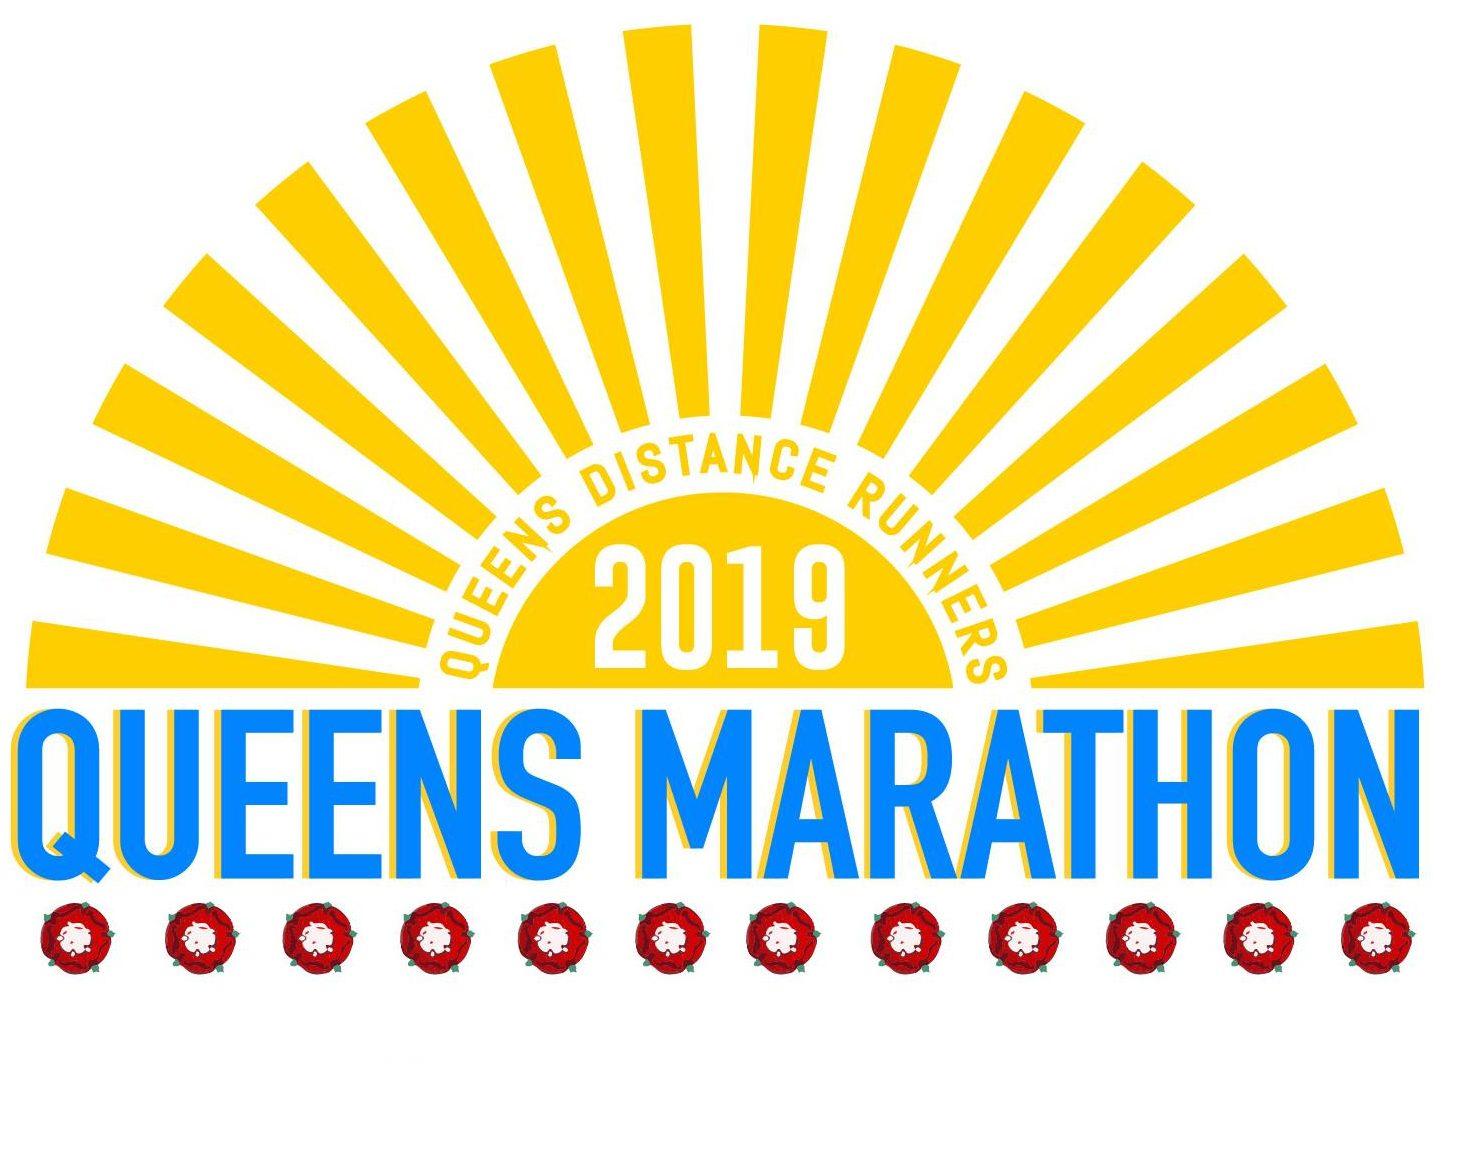 Queens Marathon